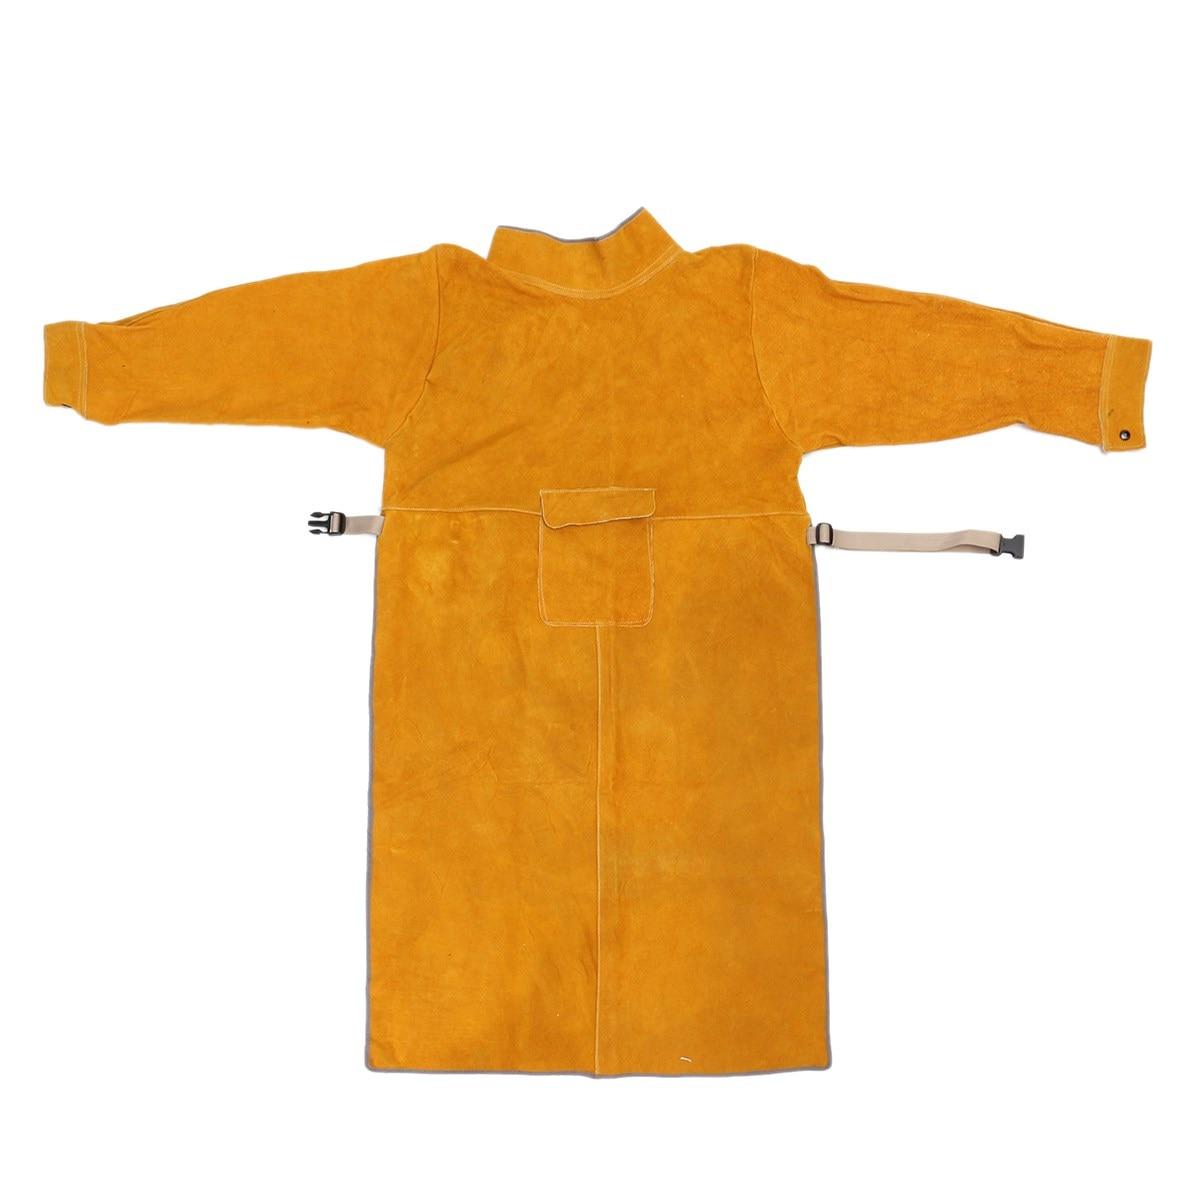 Durevole di Saldatura di Cuoio Cappotto Lungo Grembiule Indumenti Protettivi Abbigliamento Suit Saldatore Posto di Lavoro Indumenti di Sicurezza